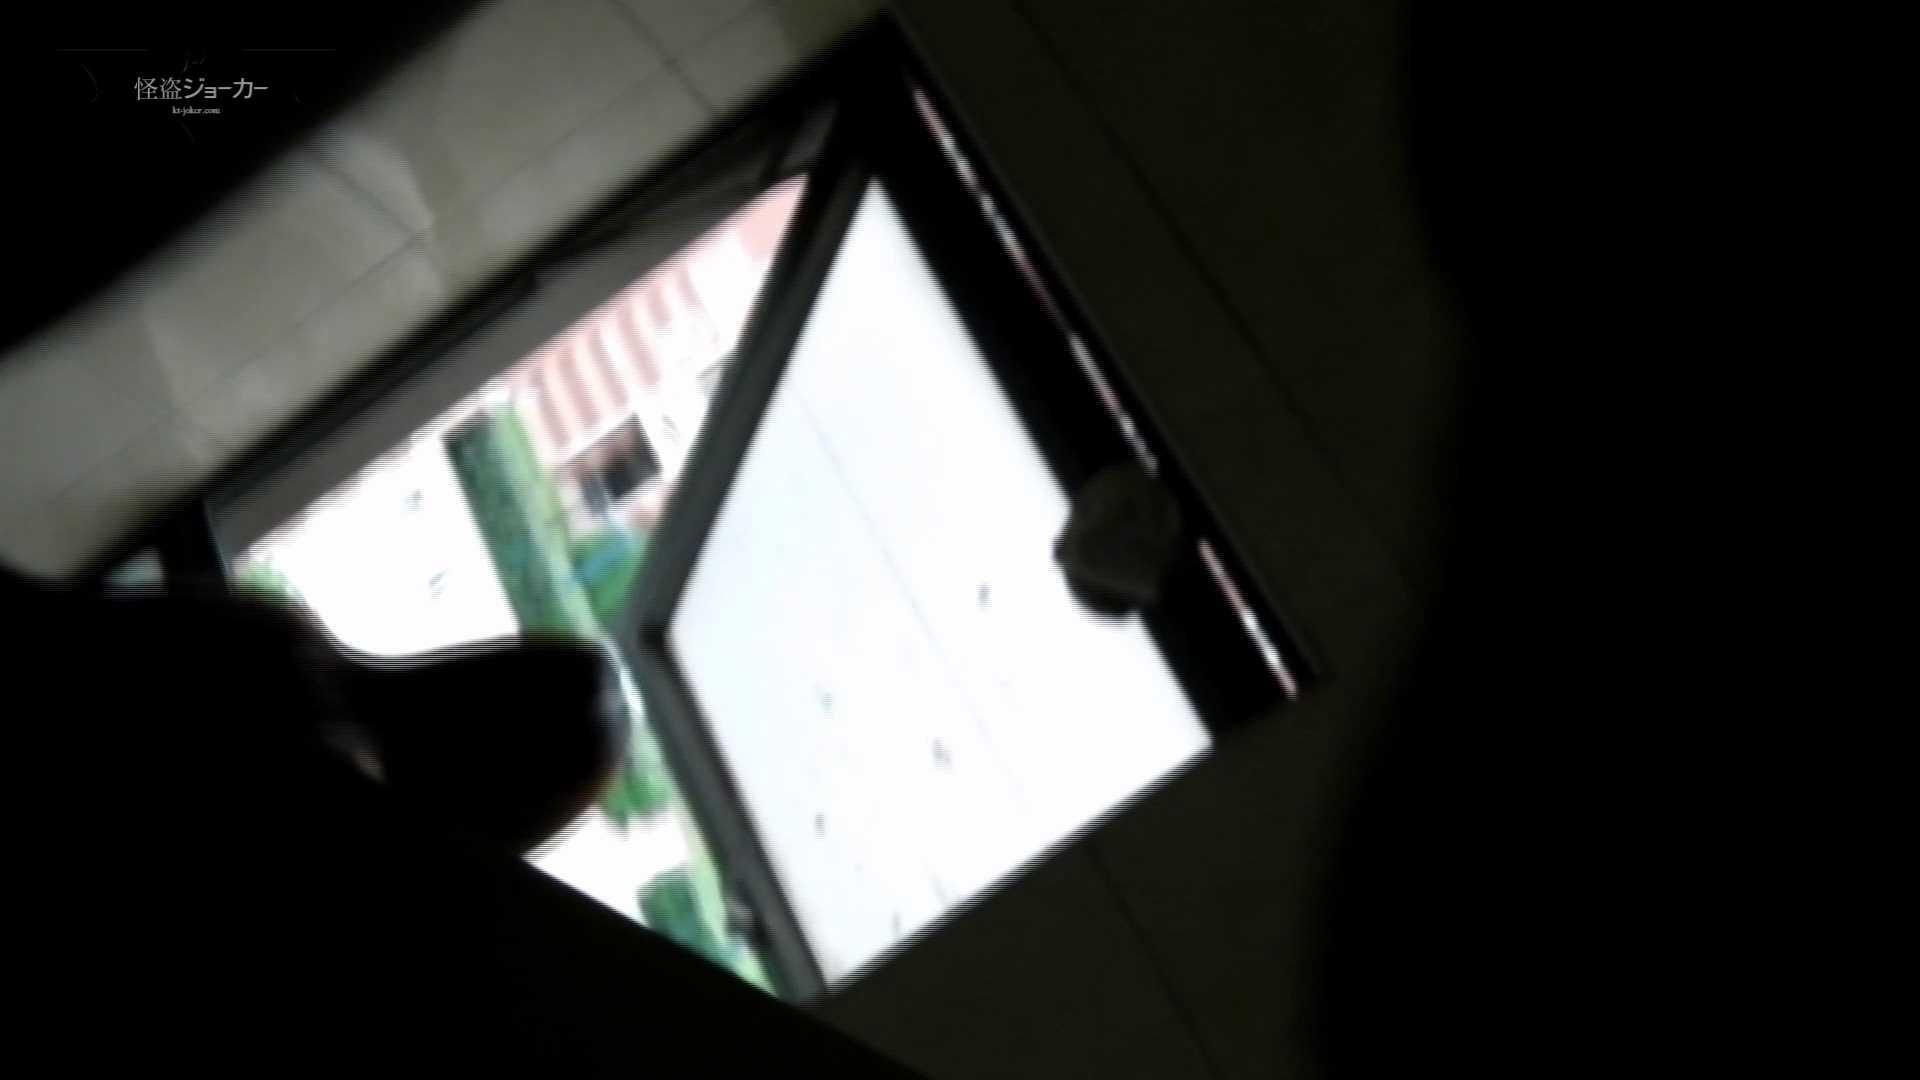 ステーション編 vol53 ゆきりん一押し、予告に出ているモデル大量登場 洗面所 オマンコ無修正動画無料 79画像 53